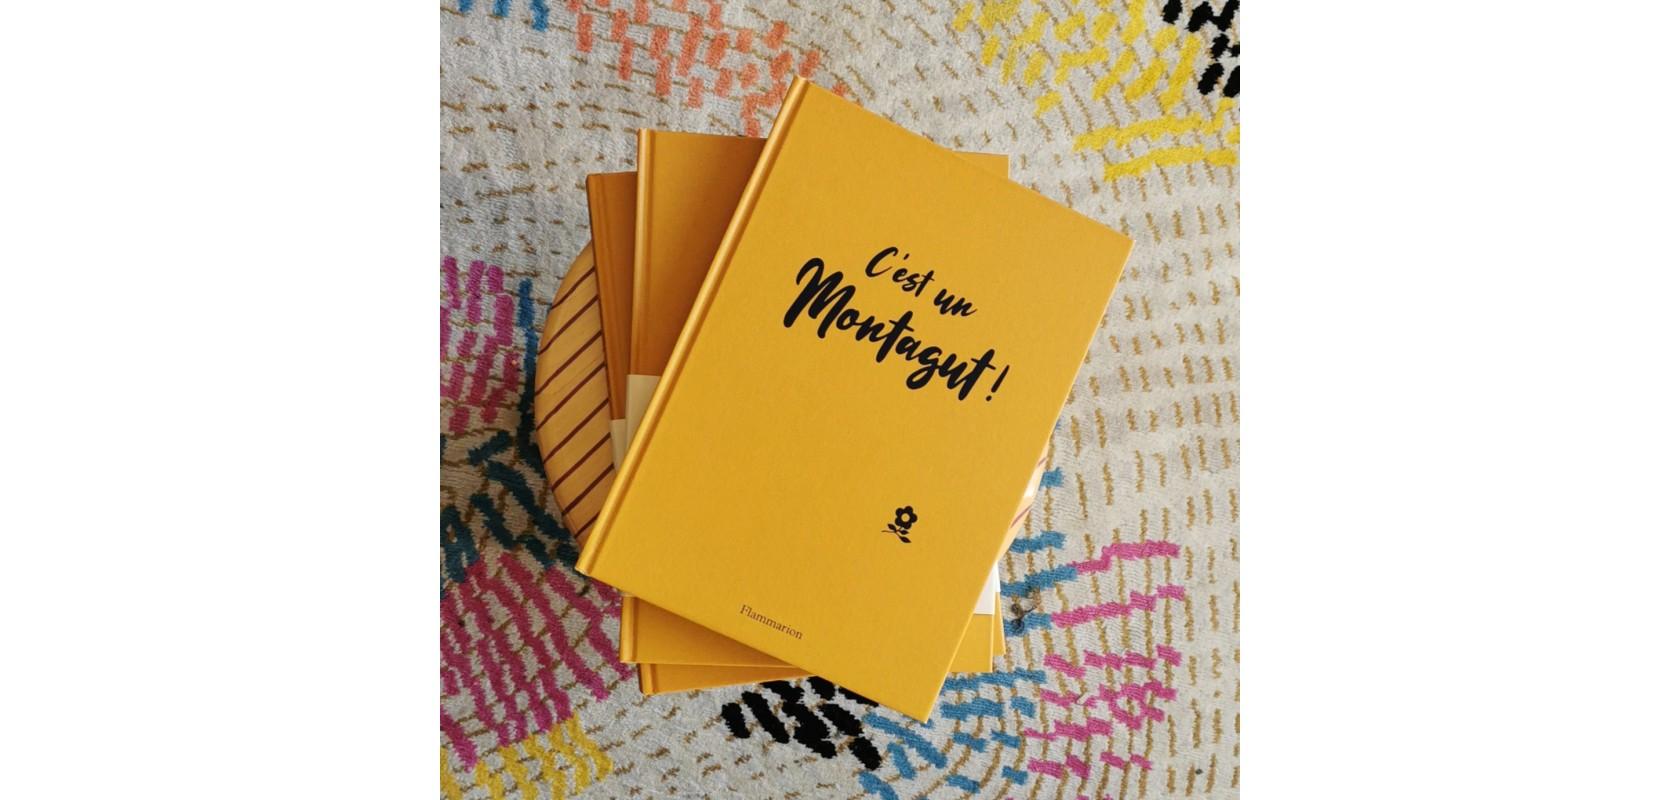 clothing the book it's a montagut Maison Montagut